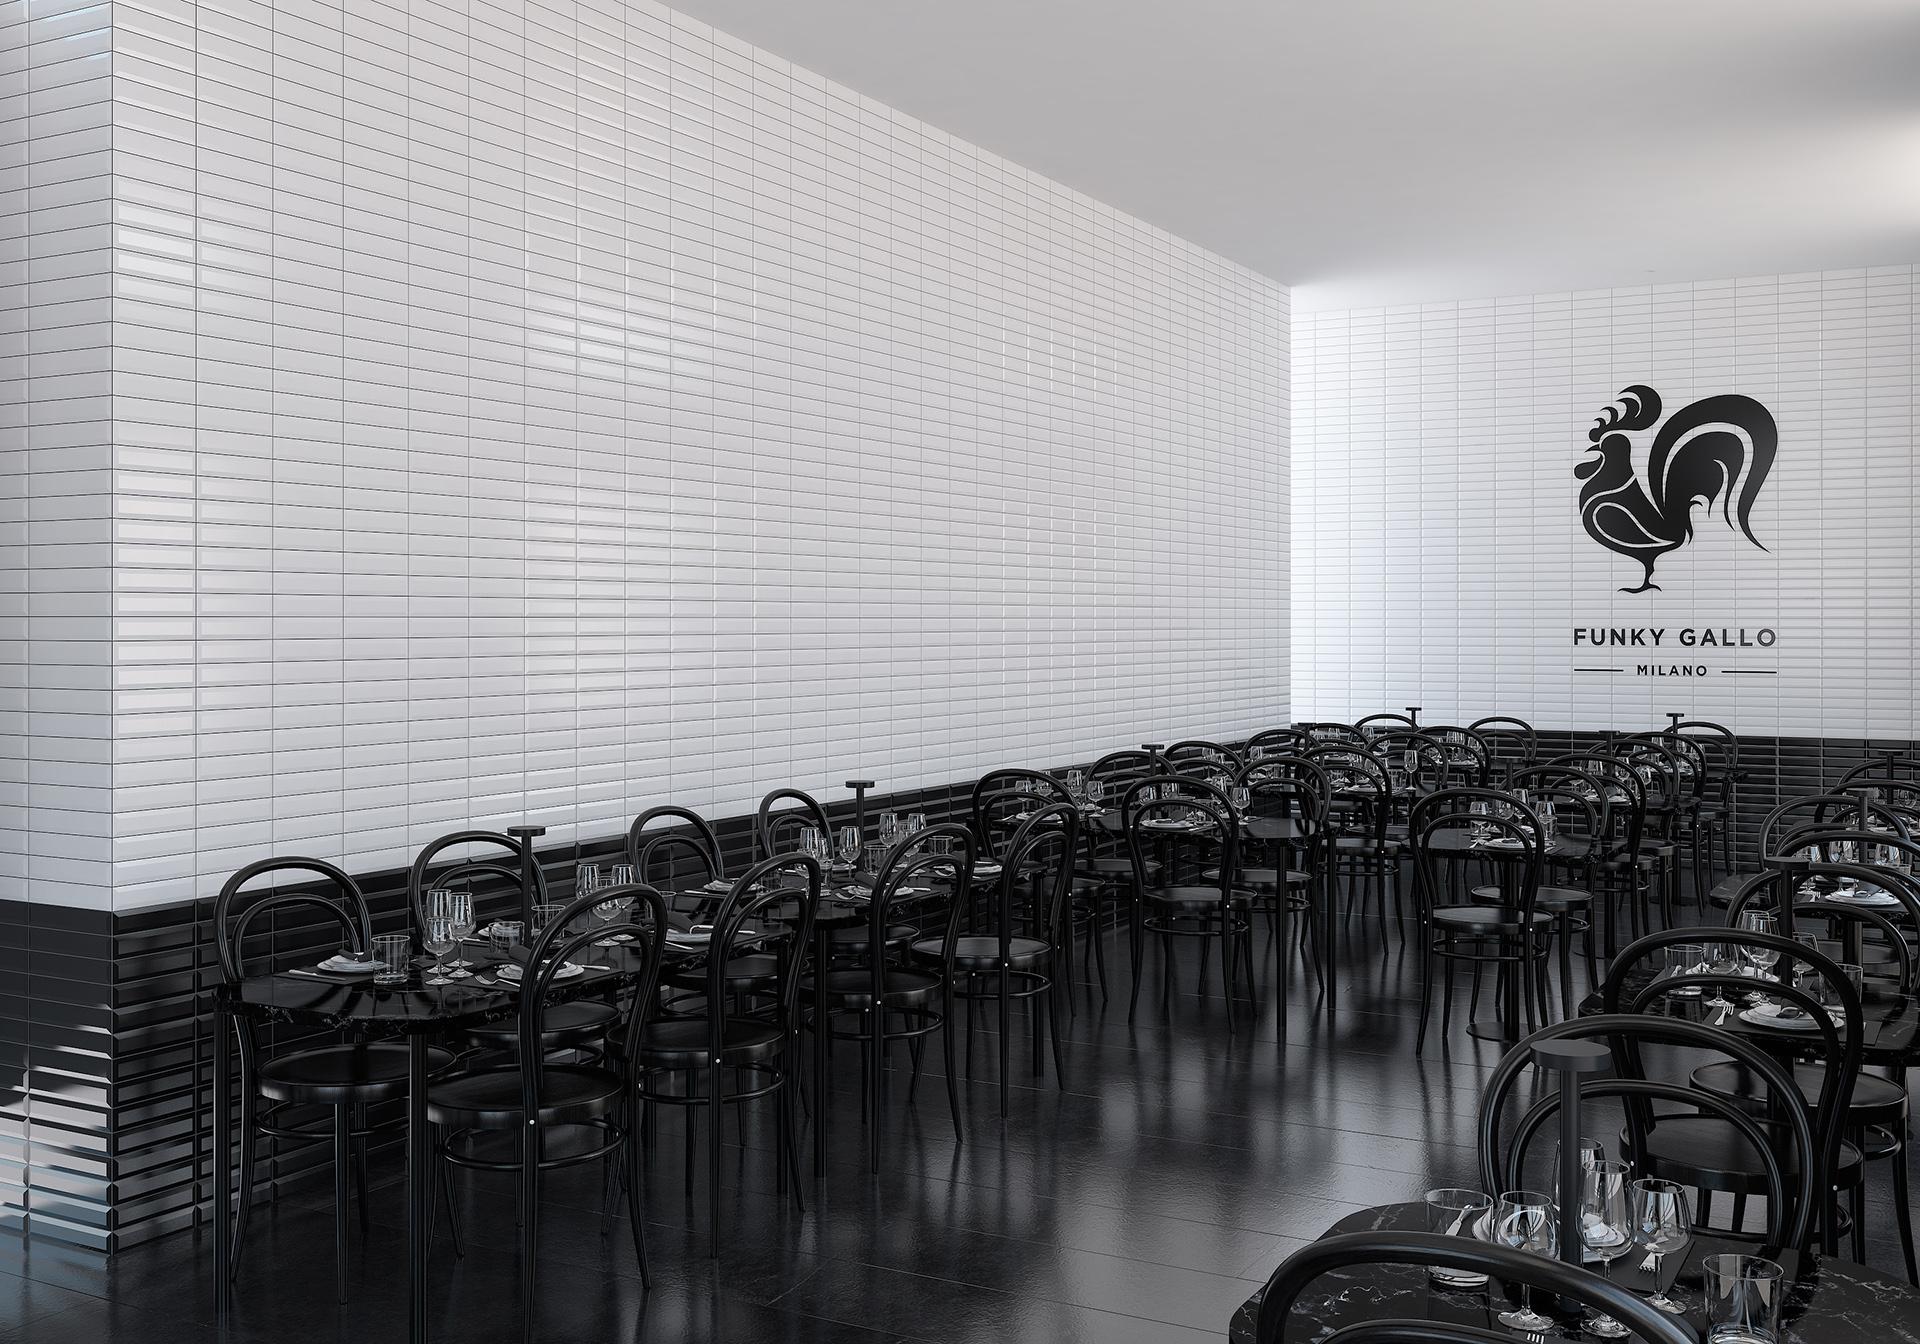 rendering fotorealistico diurno di un ristorante e pizzeria a Milano progettato da Francesco Aureli